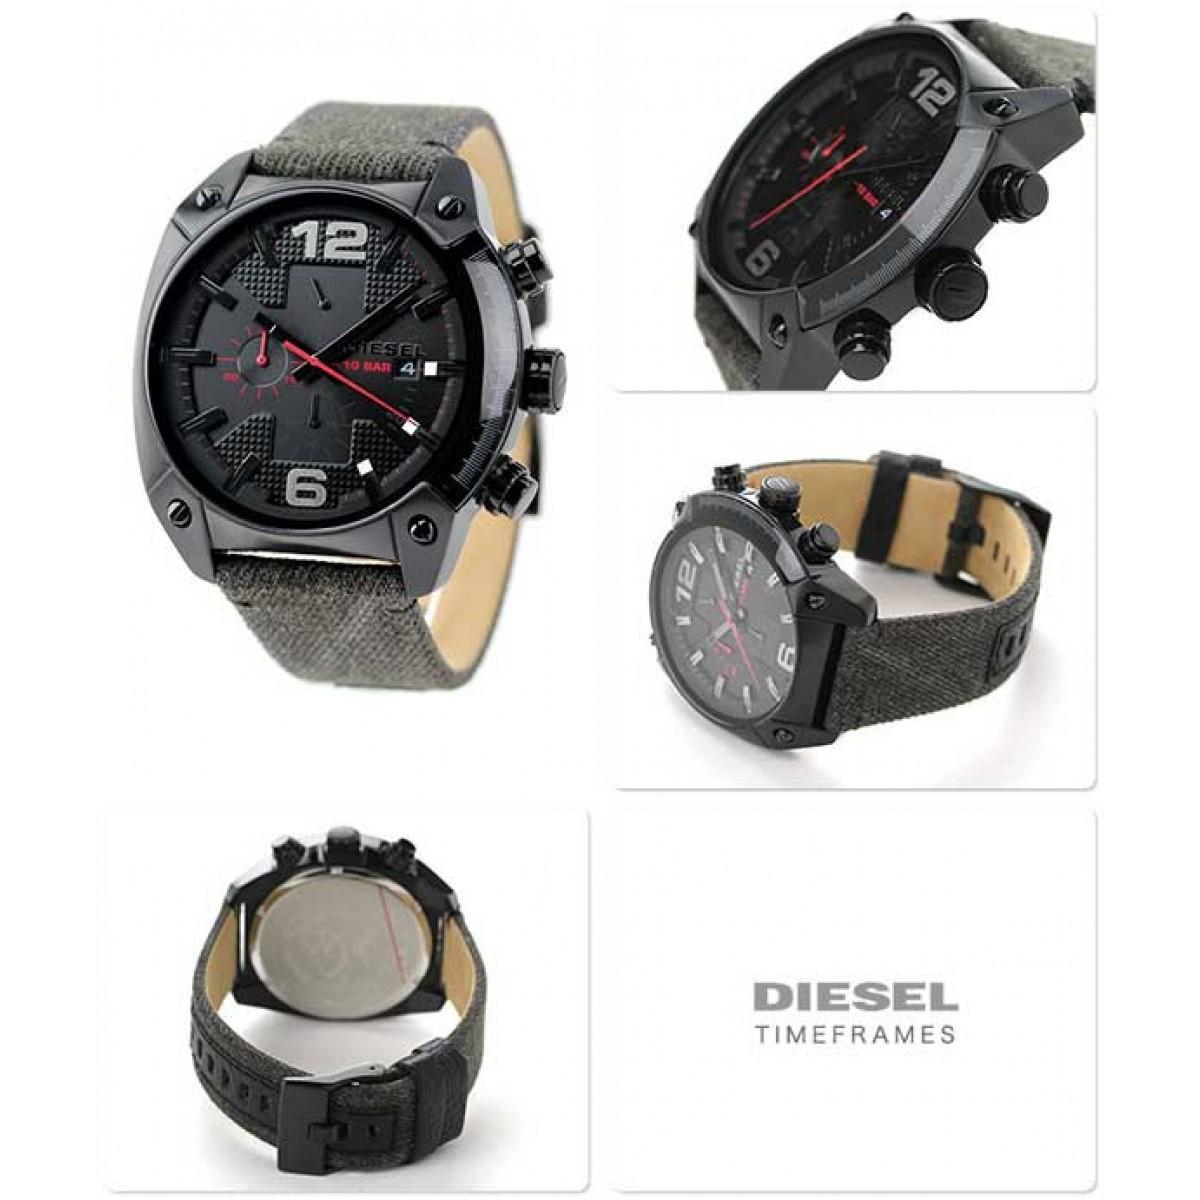 b0d4e3c8470 Relógio Masculino Diesel Overflow - Dz4373 - Relógio Masculino ...